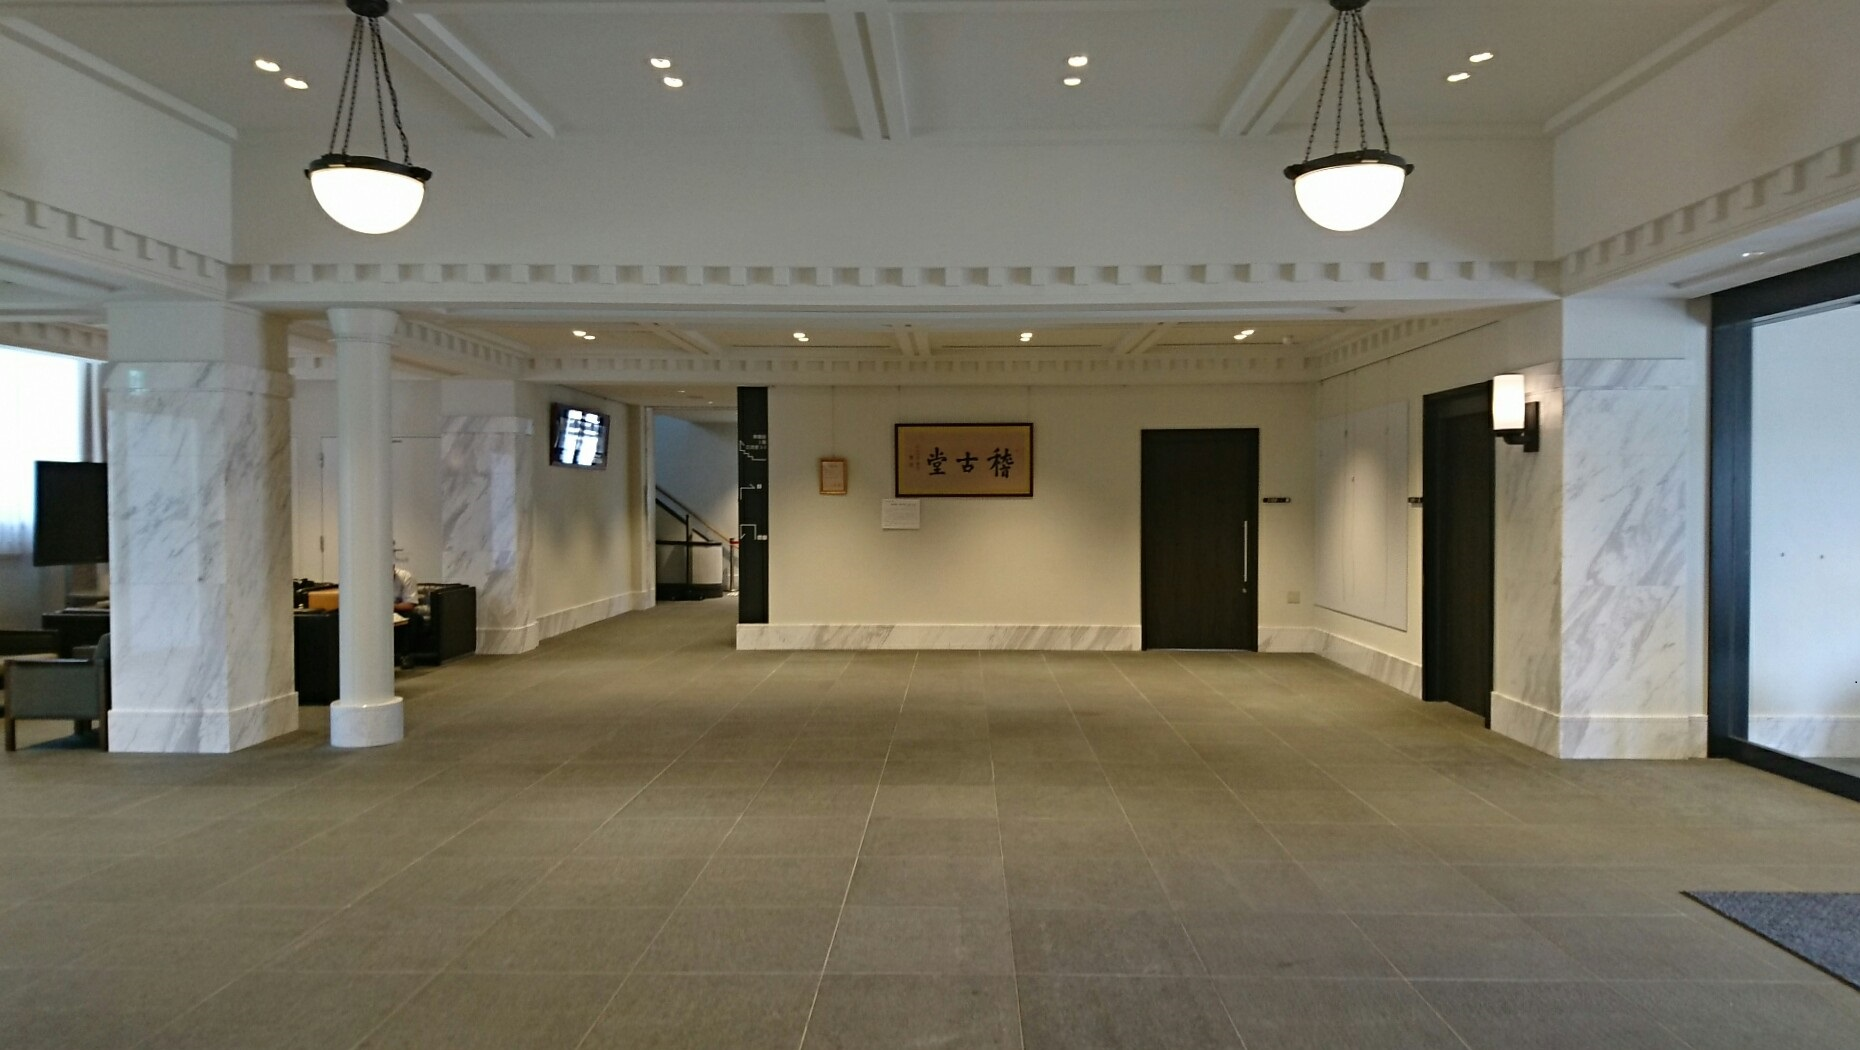 2017.6.3 豊岡 (84) 稽古堂=1階ロビー 1860-1050